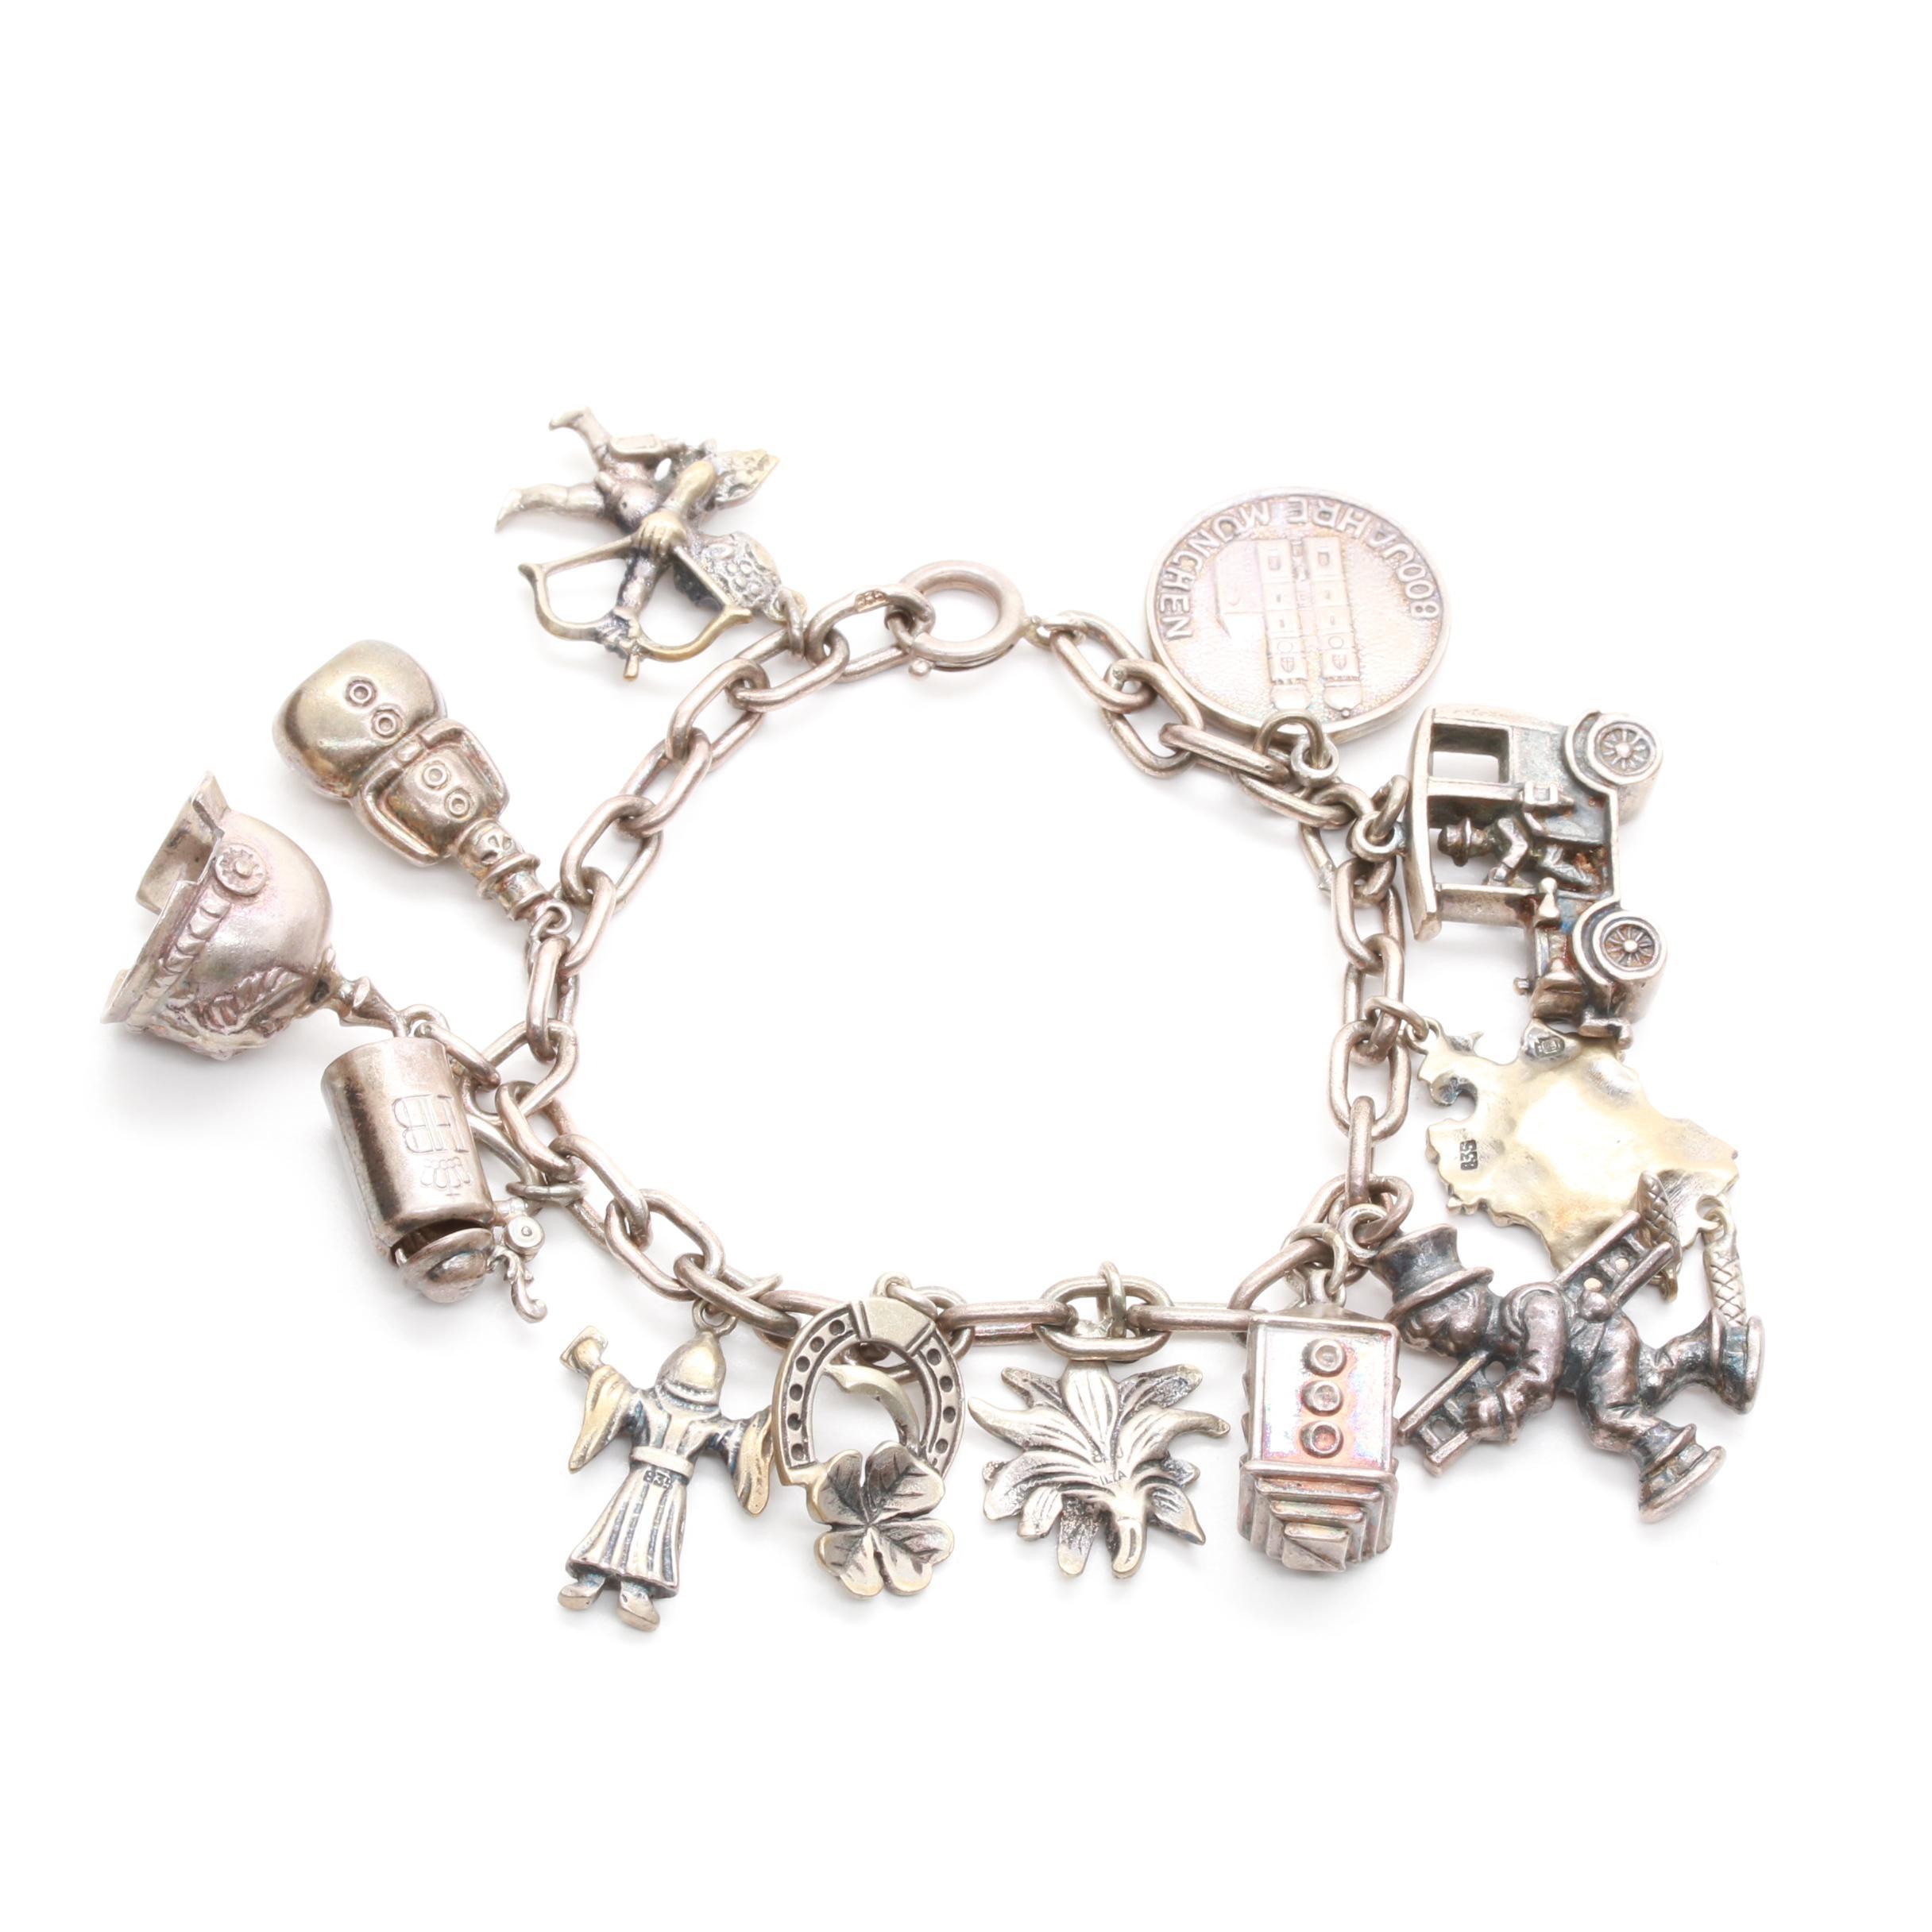 Vintage 835, 800, and Sterling Silver Charm Bracelet